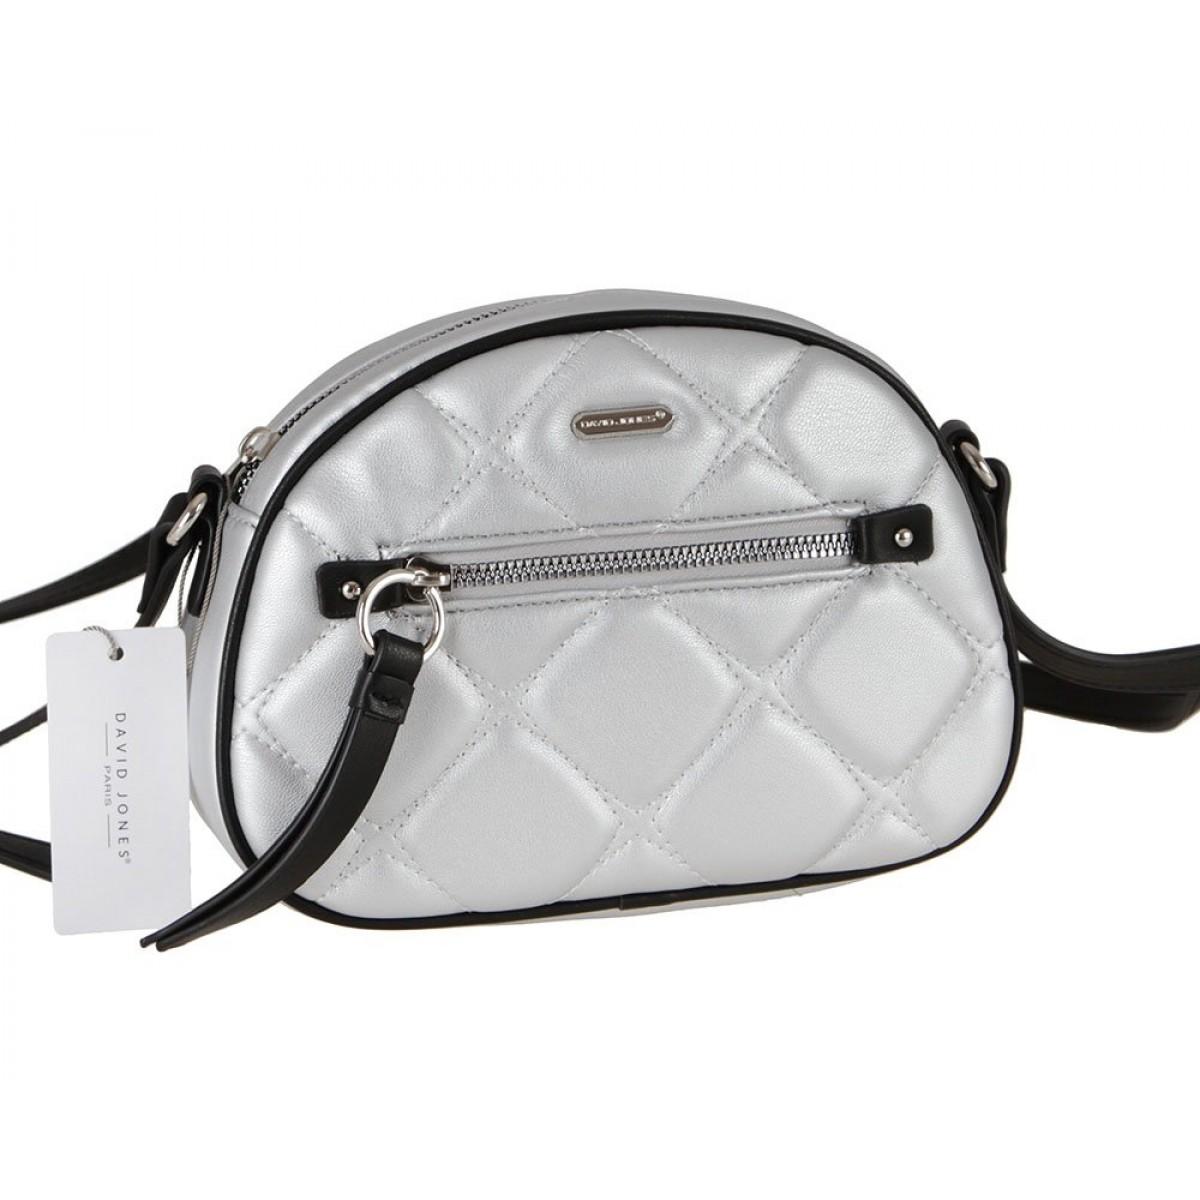 Жіноча сумка David Jones 6520-1 SILVER